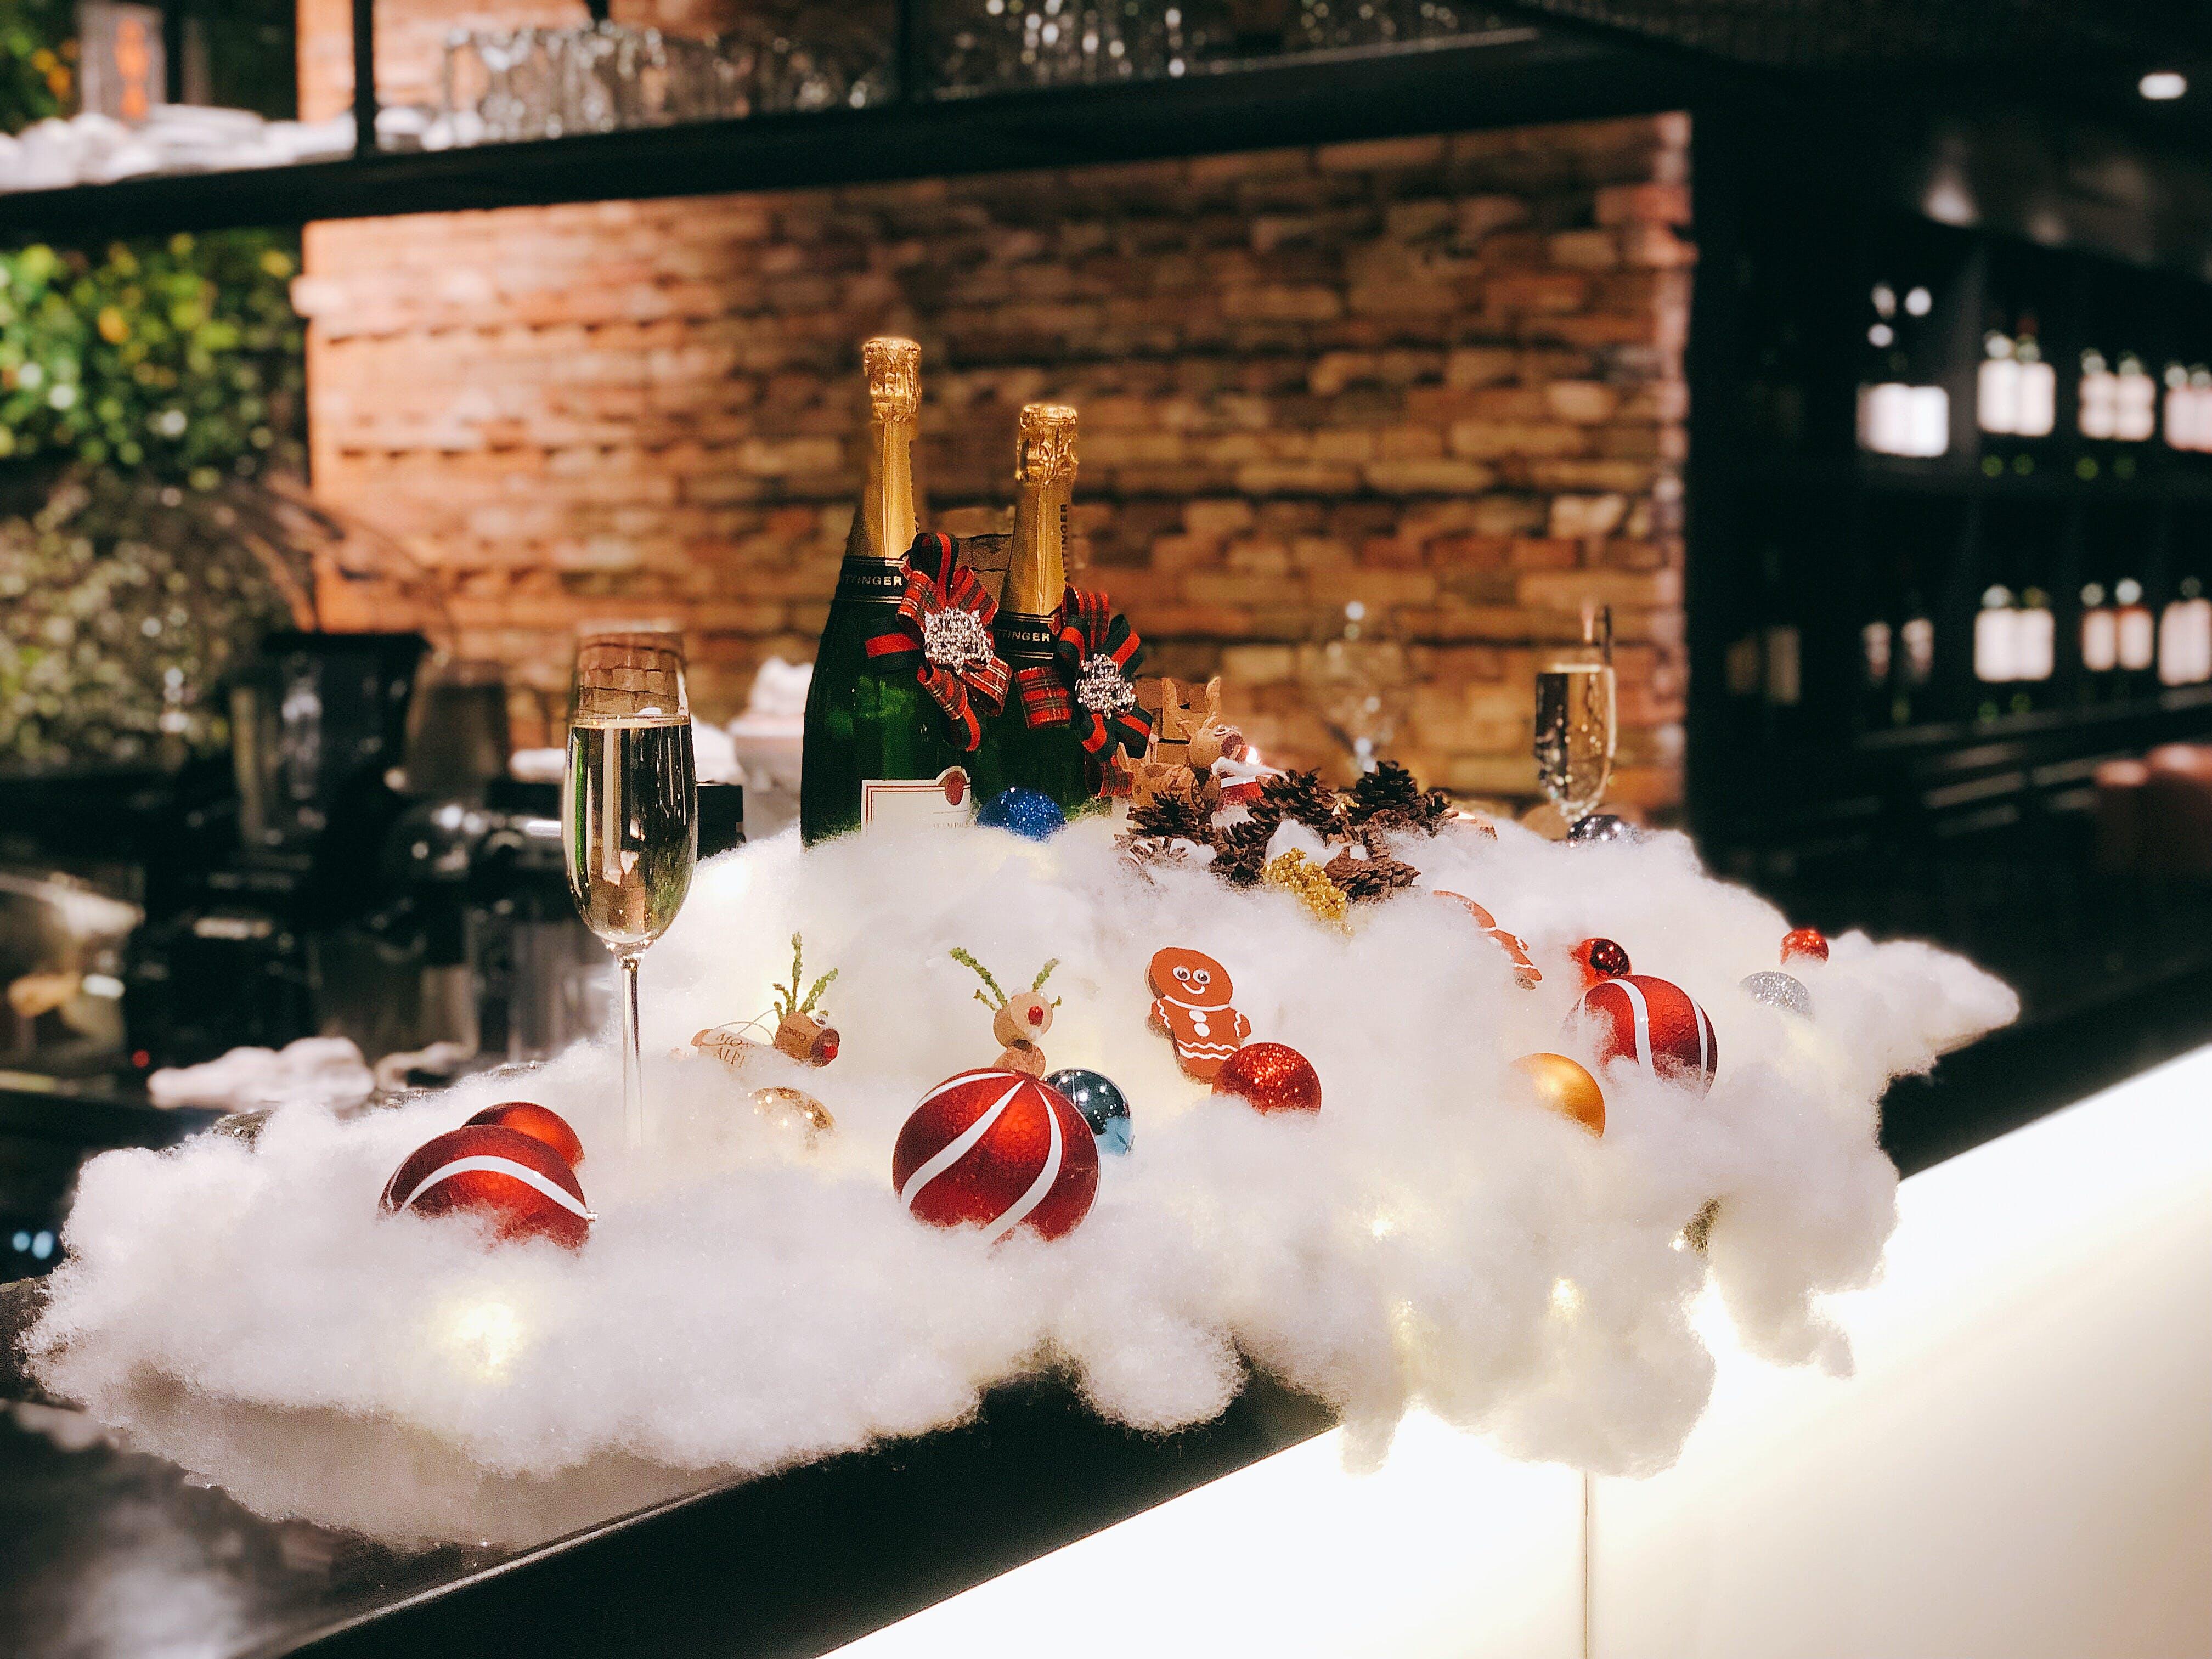 Gratis stockfoto met feest, flessen, kerstballen, Kerstmis